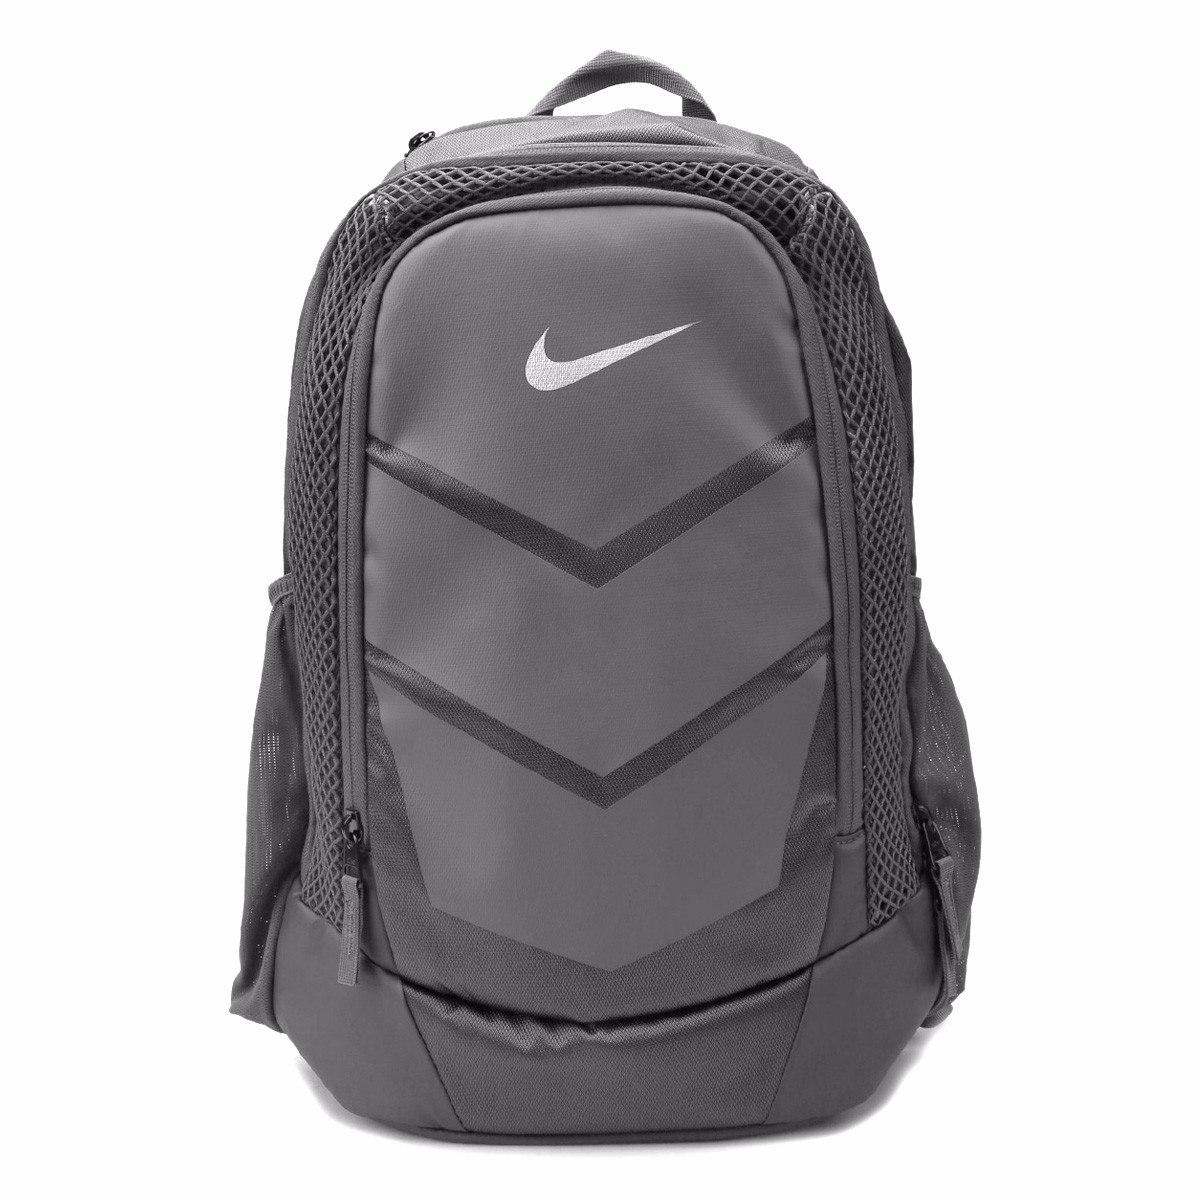 91cbe75df Mochila Nike Vapor Speed Backpack Masculina - R$ 189,00 em Mercado Livre